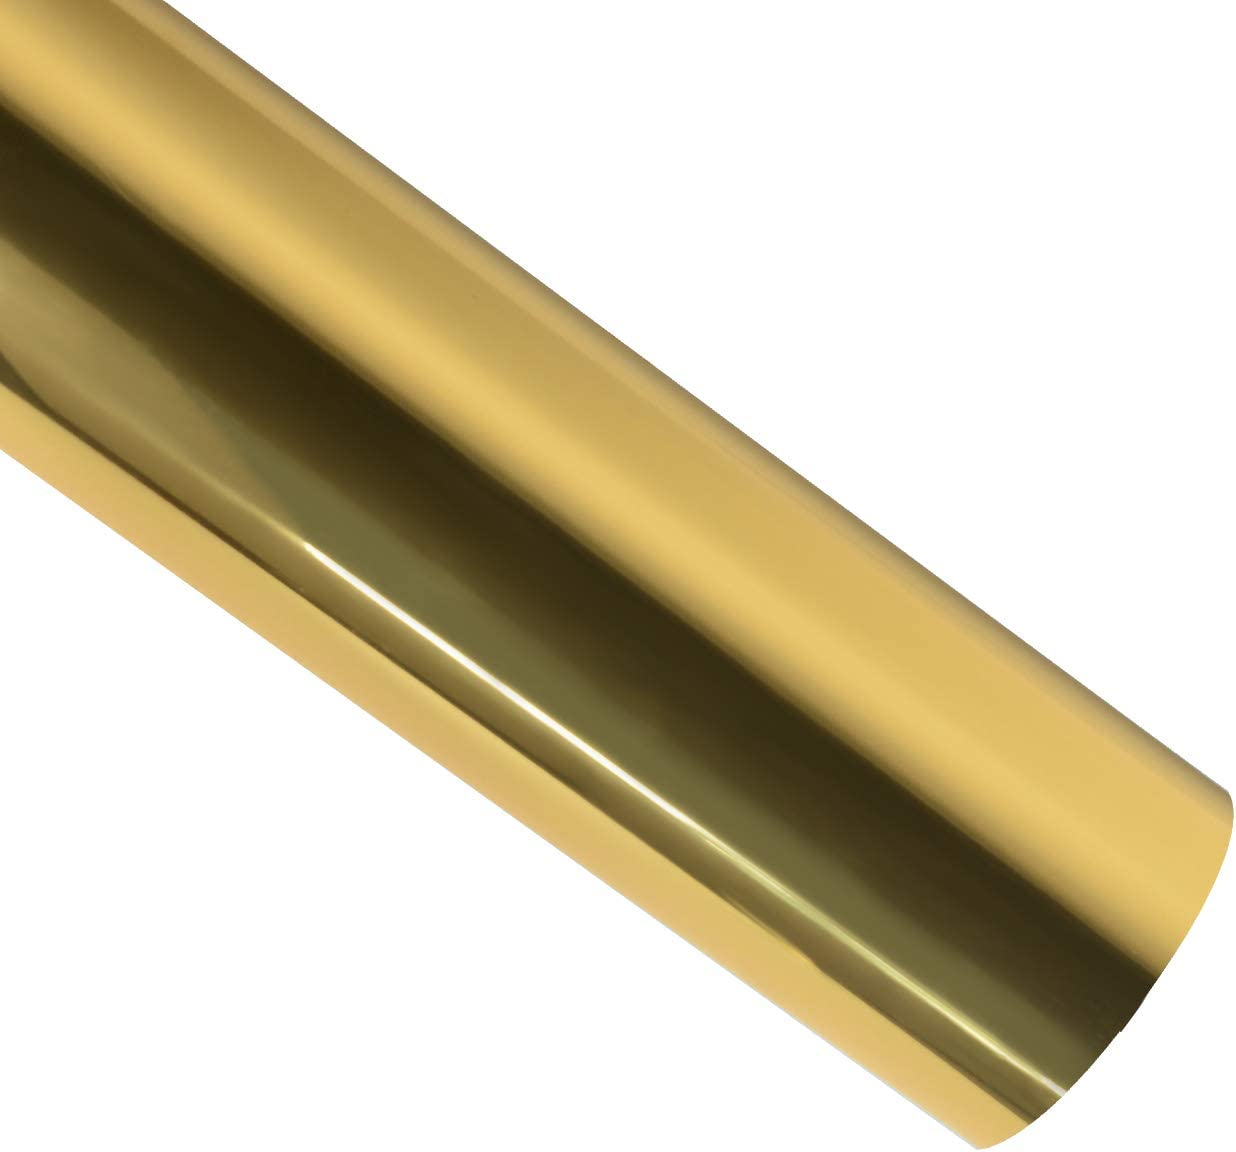 Paquete de vinilo metálico metálico de transferencia de calor Techwrap Precious Metals, paquete de vinilo de lámina elástica HTV, vinilo para planchar, para camisetas, crickut y silueta: Amazon.es: Juguetes y juegos